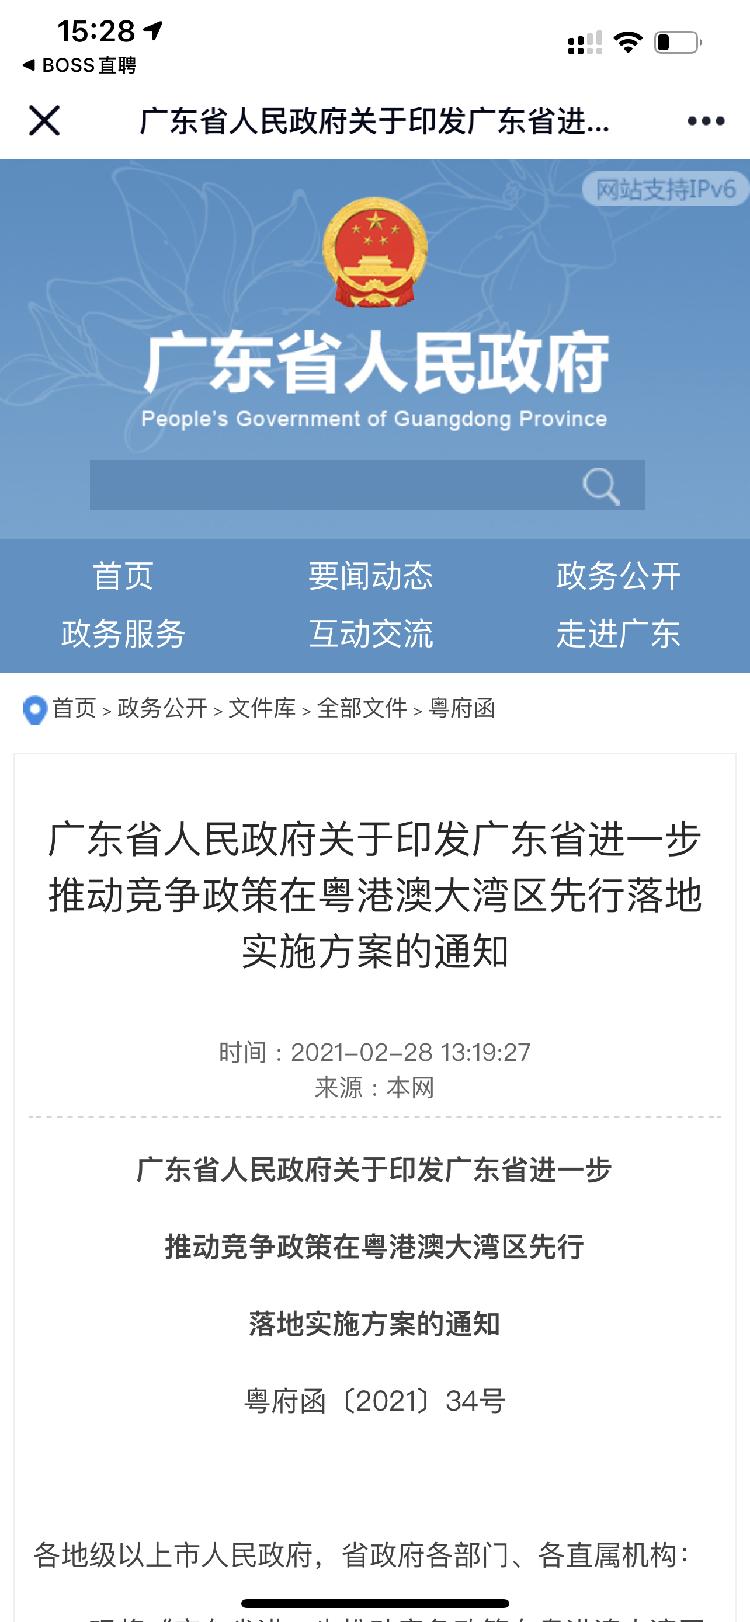 """深圳被批准试点竞争法执法,以实现""""不禁止,不进入""""的市场领域"""